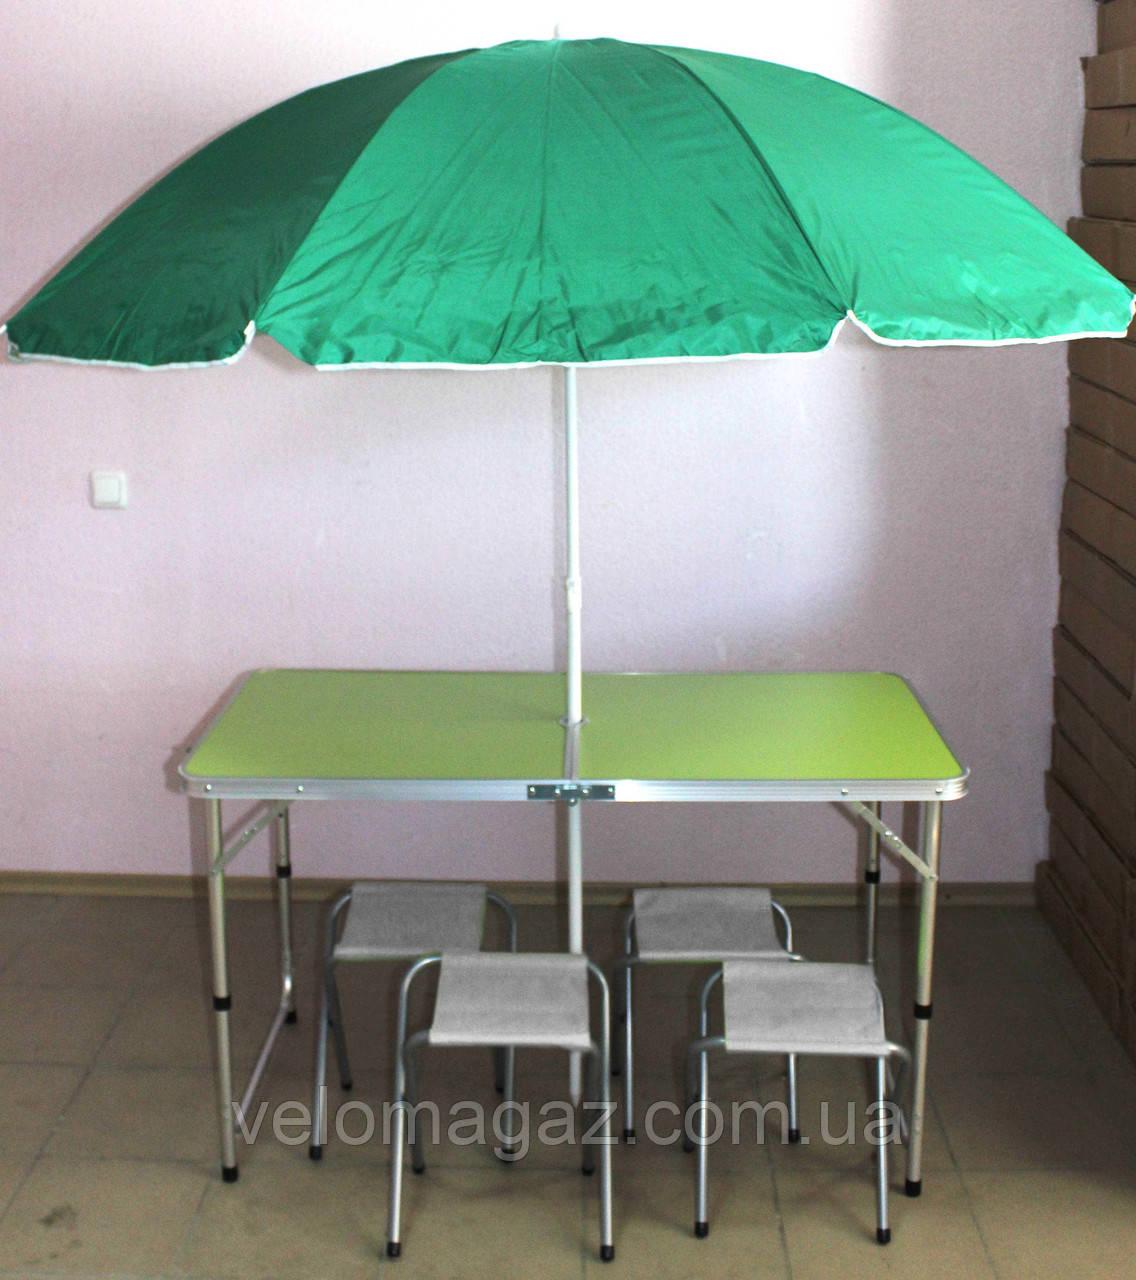 Раскладной удобный салатовый стол для пикника и 4 стула + зонт 1,6 м в ПОДАРОК!